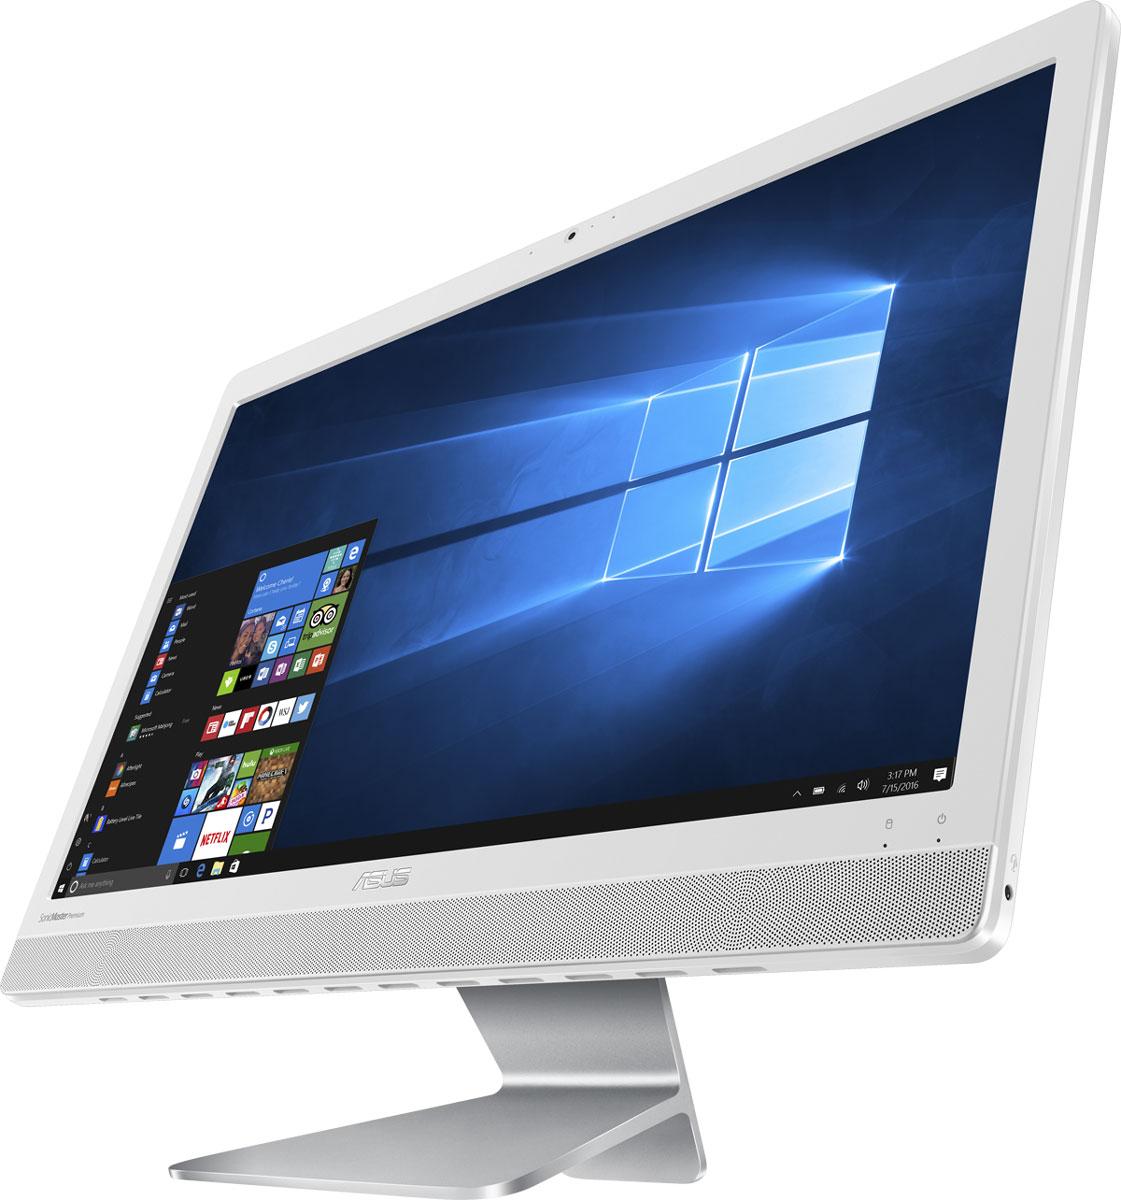 ASUS Vivo AiO V221IDUK-WA041T, White моноблокV221IDUK-WA041TASUS Vivo AiO V221IDUK - это самая тонкая модель в линейке моноблочных компьютеров Vivo AiO. Она будет особенно хороша для мультимедийных приложений, поскольку включает в себя высококачественную встроенную аудиосистему, выдающую мощный звук с минимальным уровнем искажений.При создании облика моноблочного компьютера Vivo AiO V221IDUK дизайнеры и инженеры ASUS старались минимизировать число отвлекающих деталей, но при этом сделать его максимально удобным в использовании. Изящная и прочная подставка, выполненная из цельной алюминиевой заготовки, позволяет легко задать комфортный угол наклона экрана.Vivo AiO V221IDUK оснащается 21,5-дюймовым дисплеем формата Full HD (1920х1080 пикселей), который выдает детализированную картинку с насыщенными цветами. Этому способствуют эксклюзивные технологии Splendid и Tru2Life Video, оптимизирующие изображение в зависимости от используемых приложений.В аппаратную конфигурацию Vivo AiO V221IDUK входит процессор Intel Celeron J3355, который обладает большей производительностью по сравнению с предыдущим поколением. Таким образом, этот моноблочный компьютер прекрасно подходит для повседневных задач, от просмотра сайтов и видео до работы с электронной почтой.Vivo AiO V221IDUK оснащается дискретной видеокартой NVIDIA GeForce 920MX, которая обеспечивает более высокую производительность, чем встроенное графическое ядро, и гарантирует плавное воспроизведение видеоматериалов в форматах высокой четкости.Моноблочный компьютер Vivo AiO V221IDUK наделен высококачественной встроенной акустической системой. Включенные в ее состав фронтальные динамики используют волноводы, акустические камеры увеличенного объема и интеллектуальные усилители, чтобы обеспечить более мощный звук при минимальном уровне искажений. Впечатляющие басы и широкий динамический диапазон приятно удивят всех любителей хорошего звука.Благодаря эксклюзивной аудиотехнологии SonicMaster Premium встроенная аудиосистема компьюте